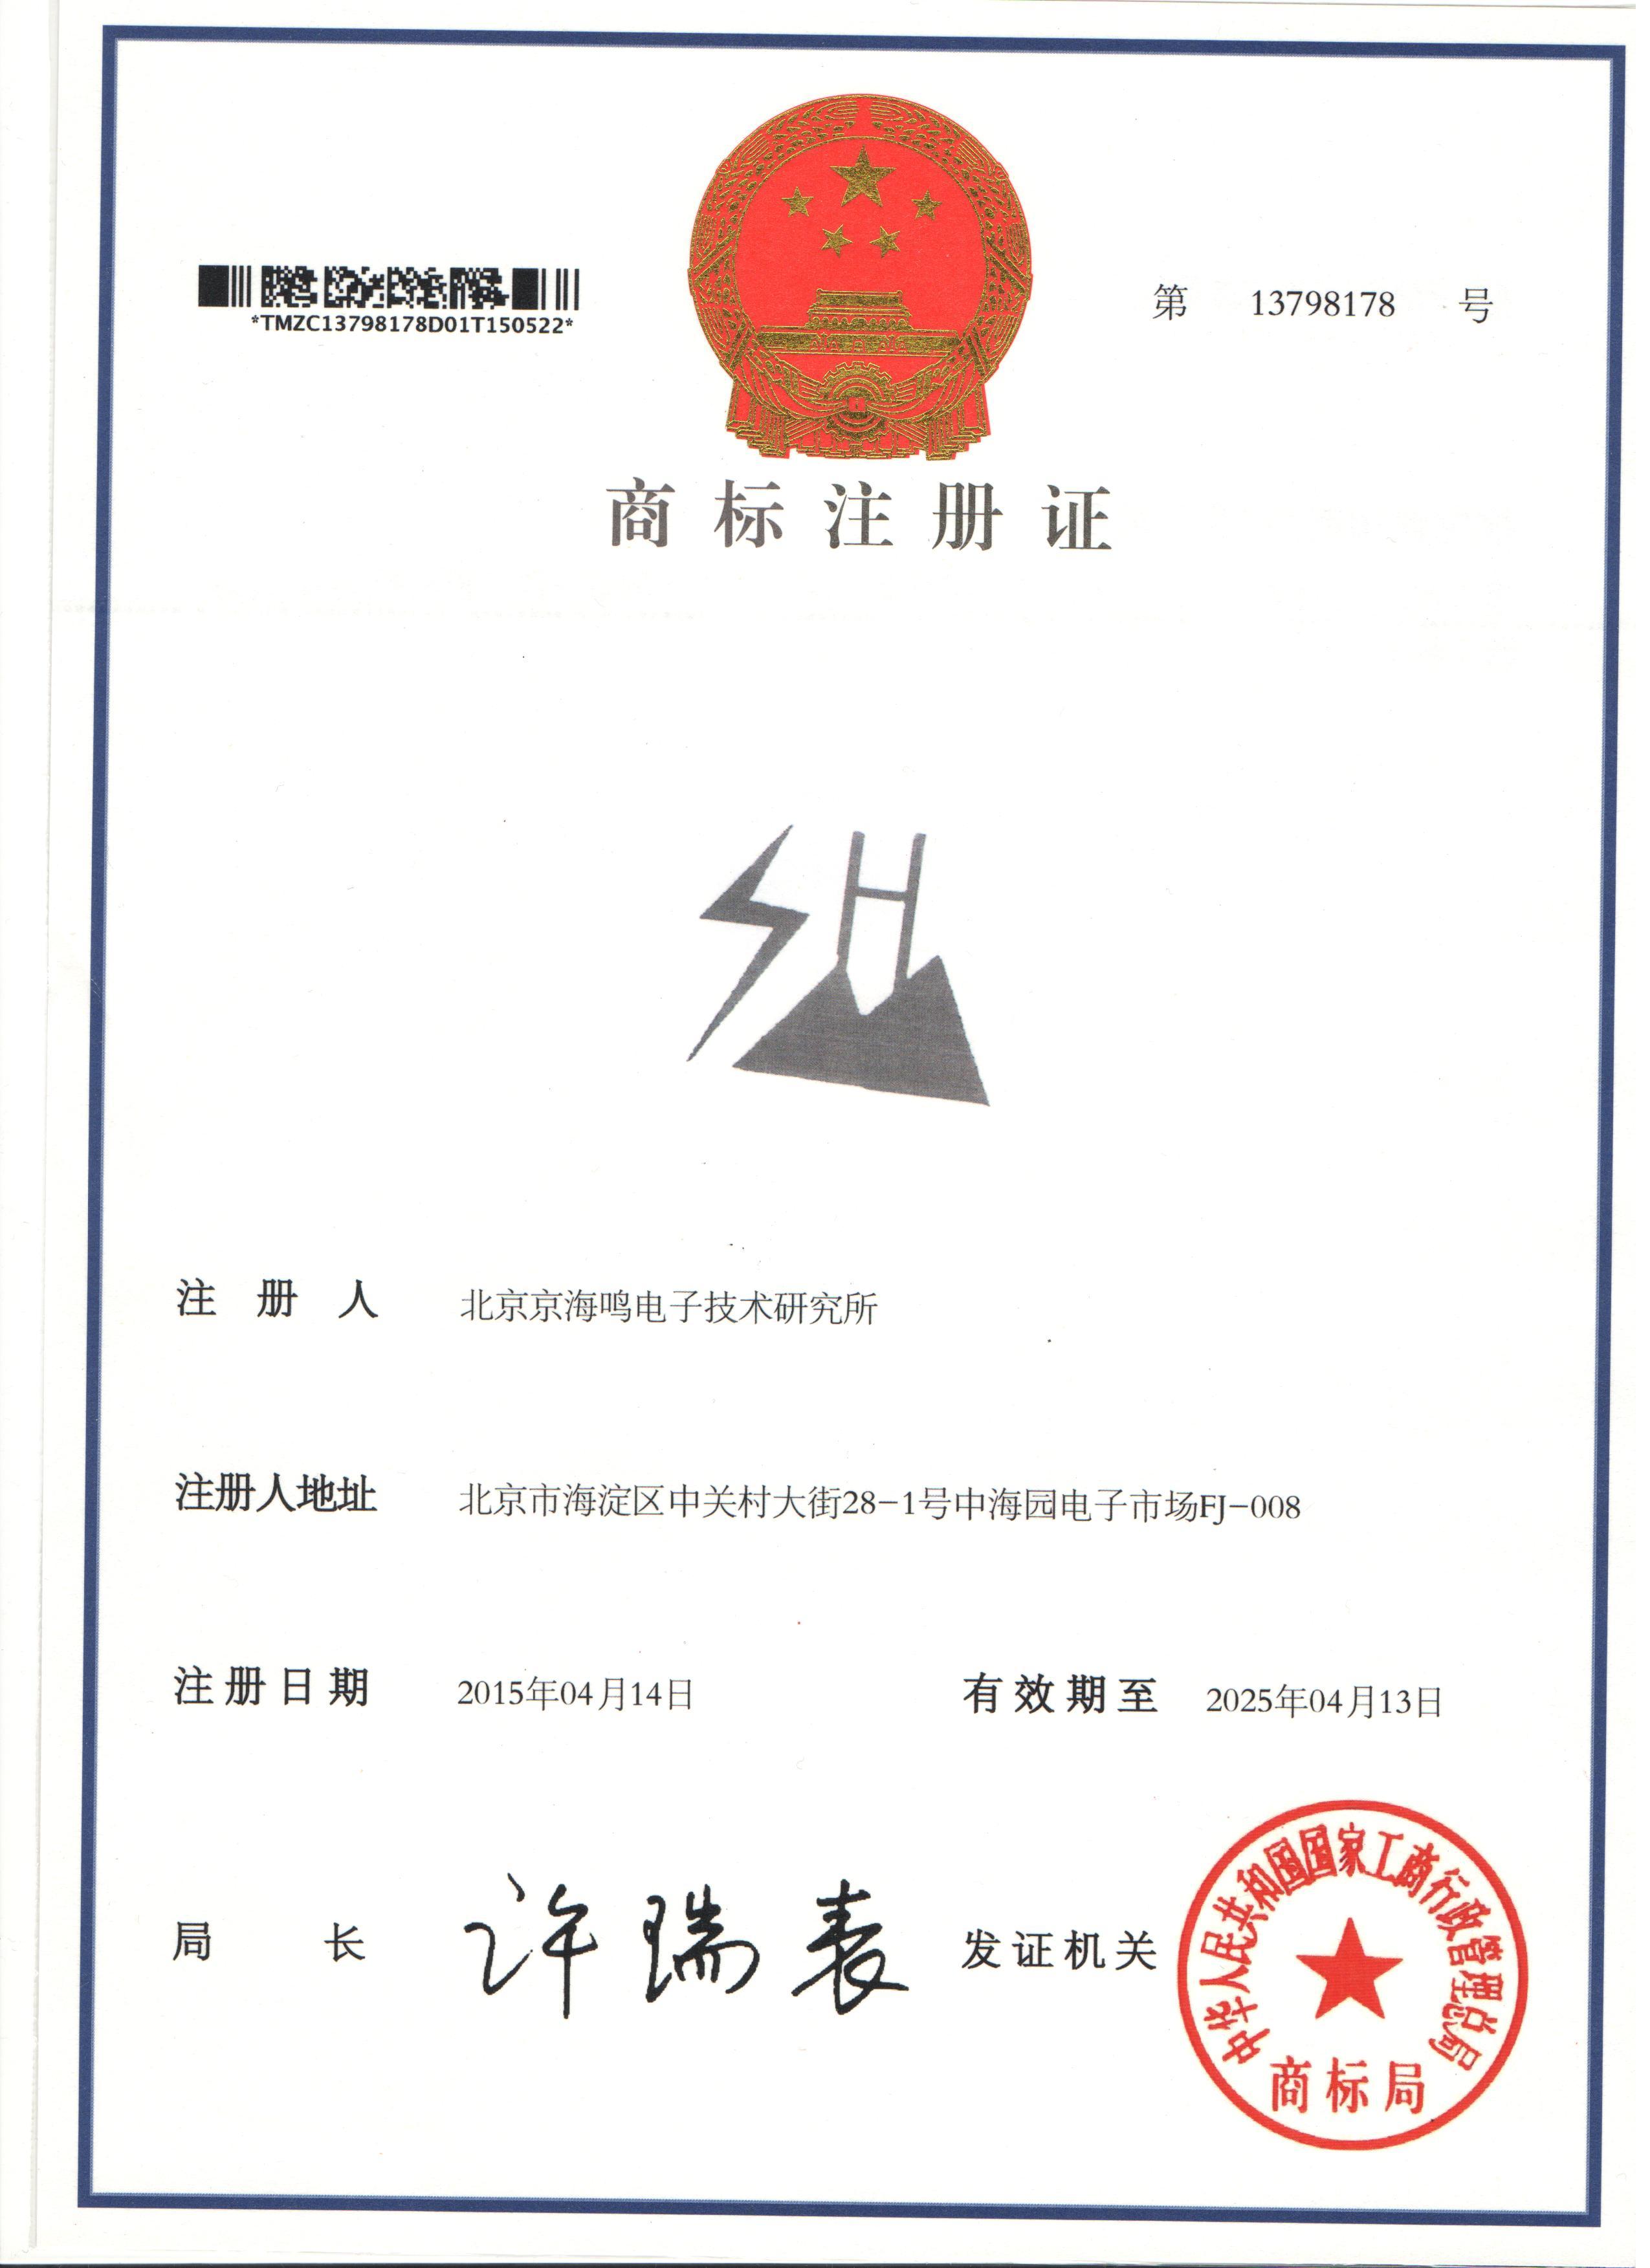 北京京海鳴電子技術研究所